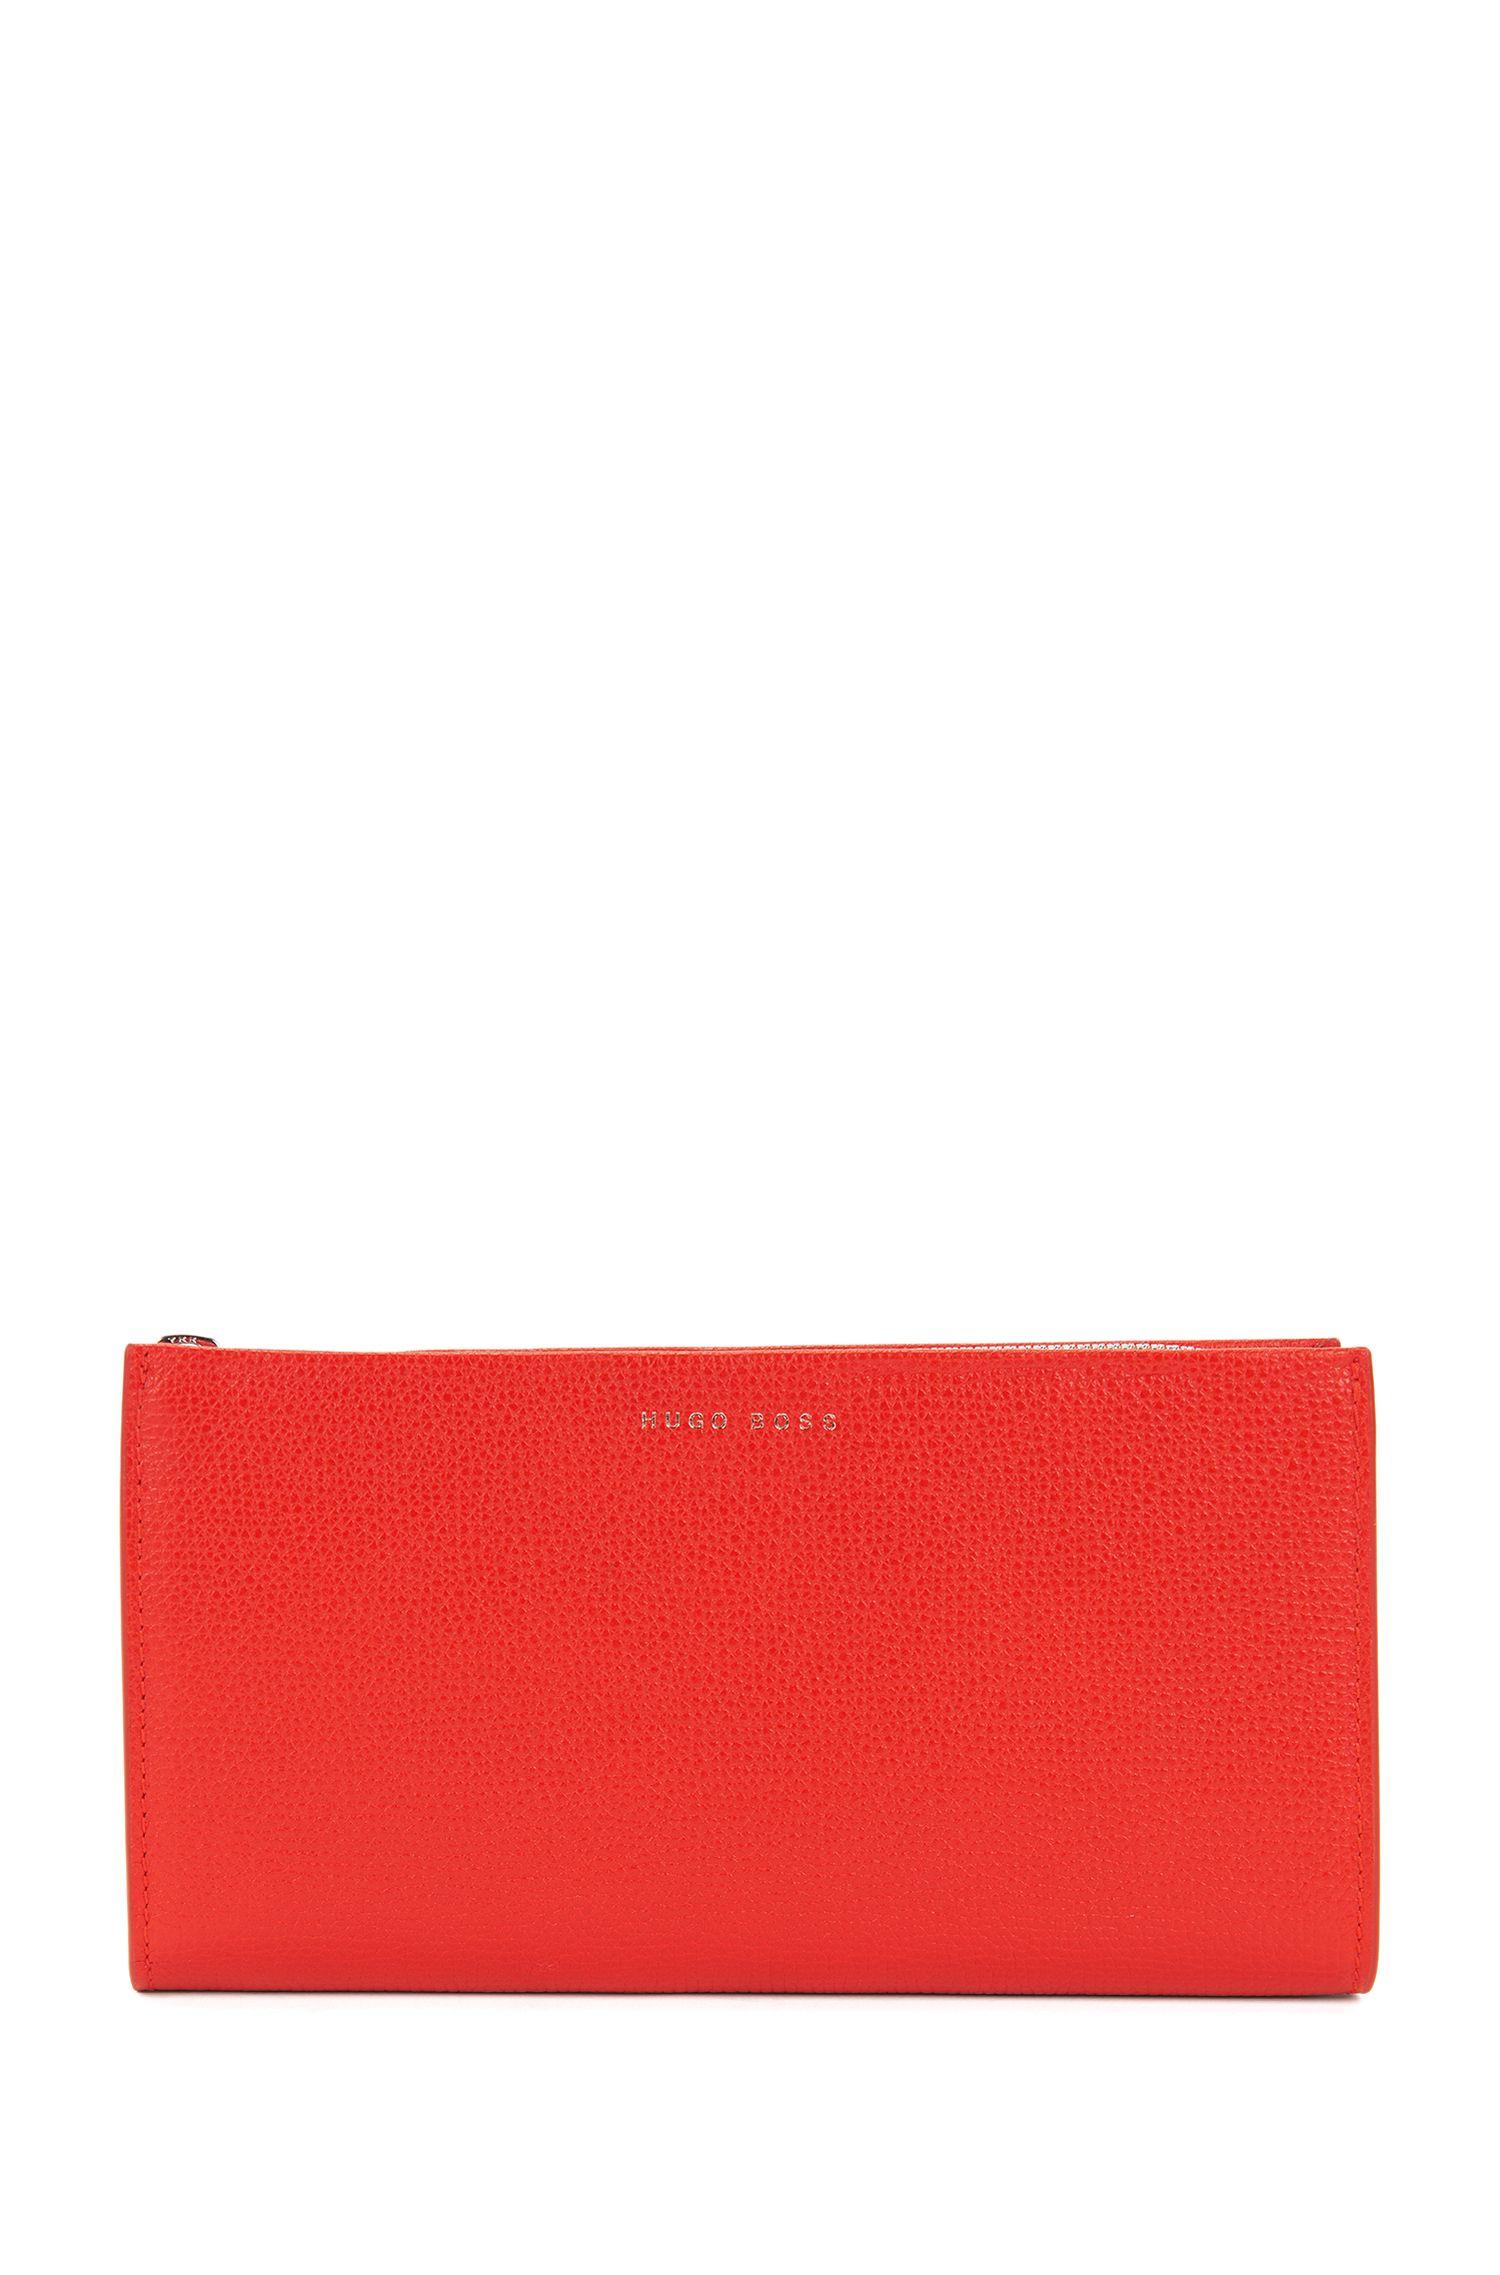 Zip-around wallet in grained Italian leather